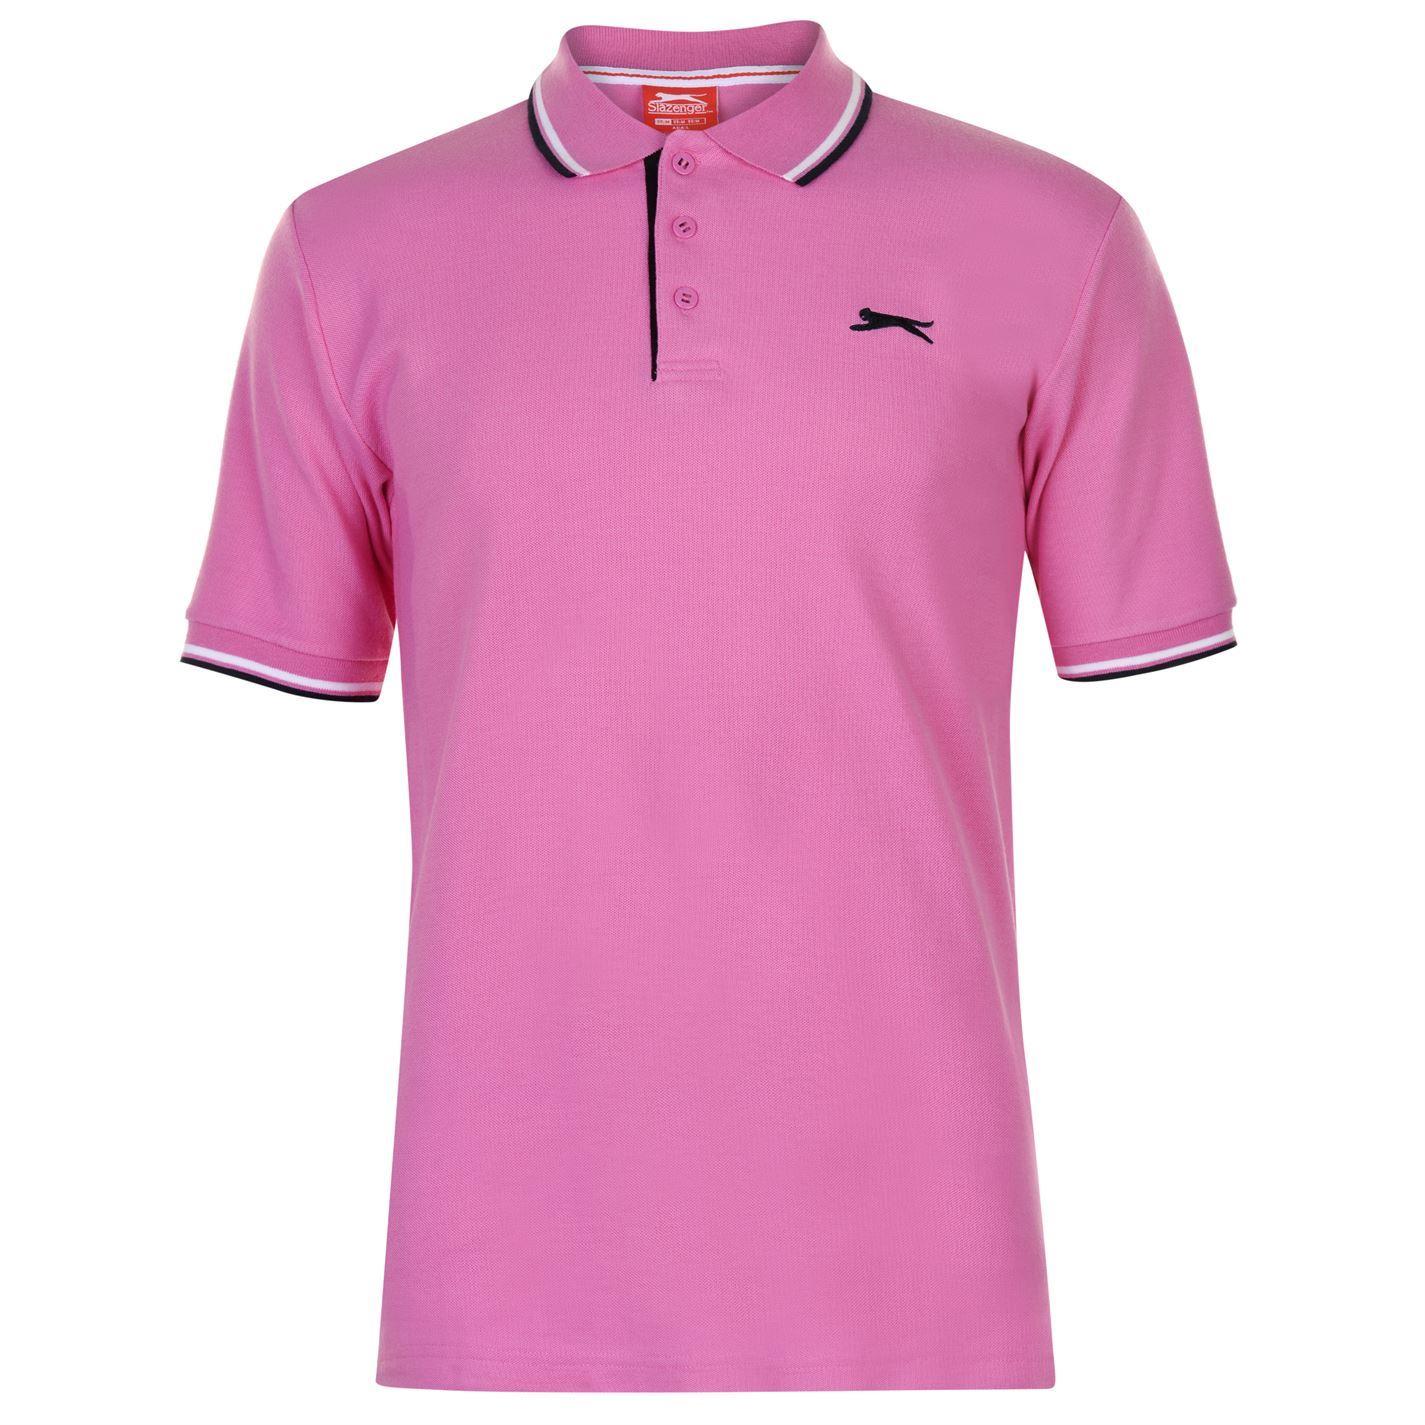 Slazenger-Polo-Camisa-de-hombre-con-cuello-con-Punta-T-Shirt-Top-Camiseta-Tee miniatura 23